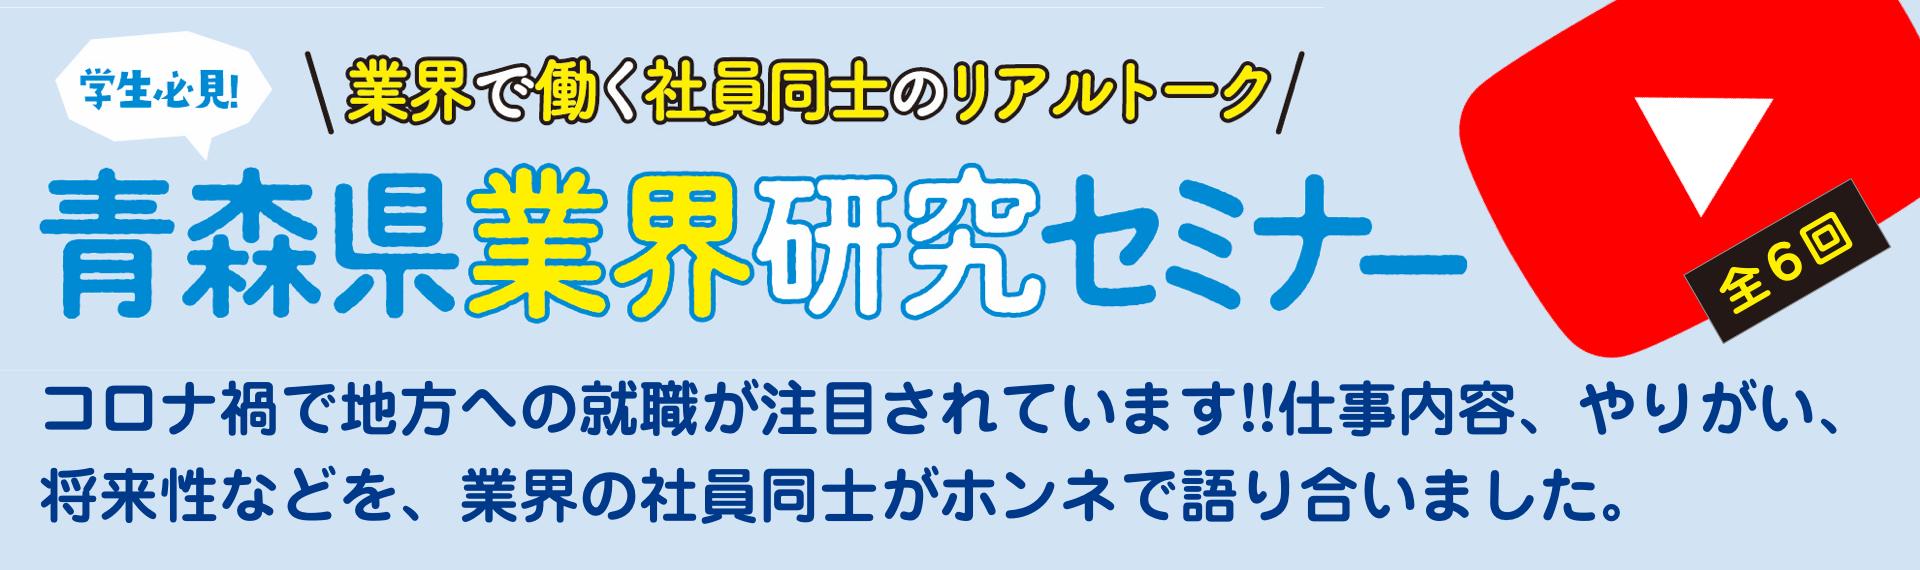 青森県業界研究セミナーのアーカイブはこちら